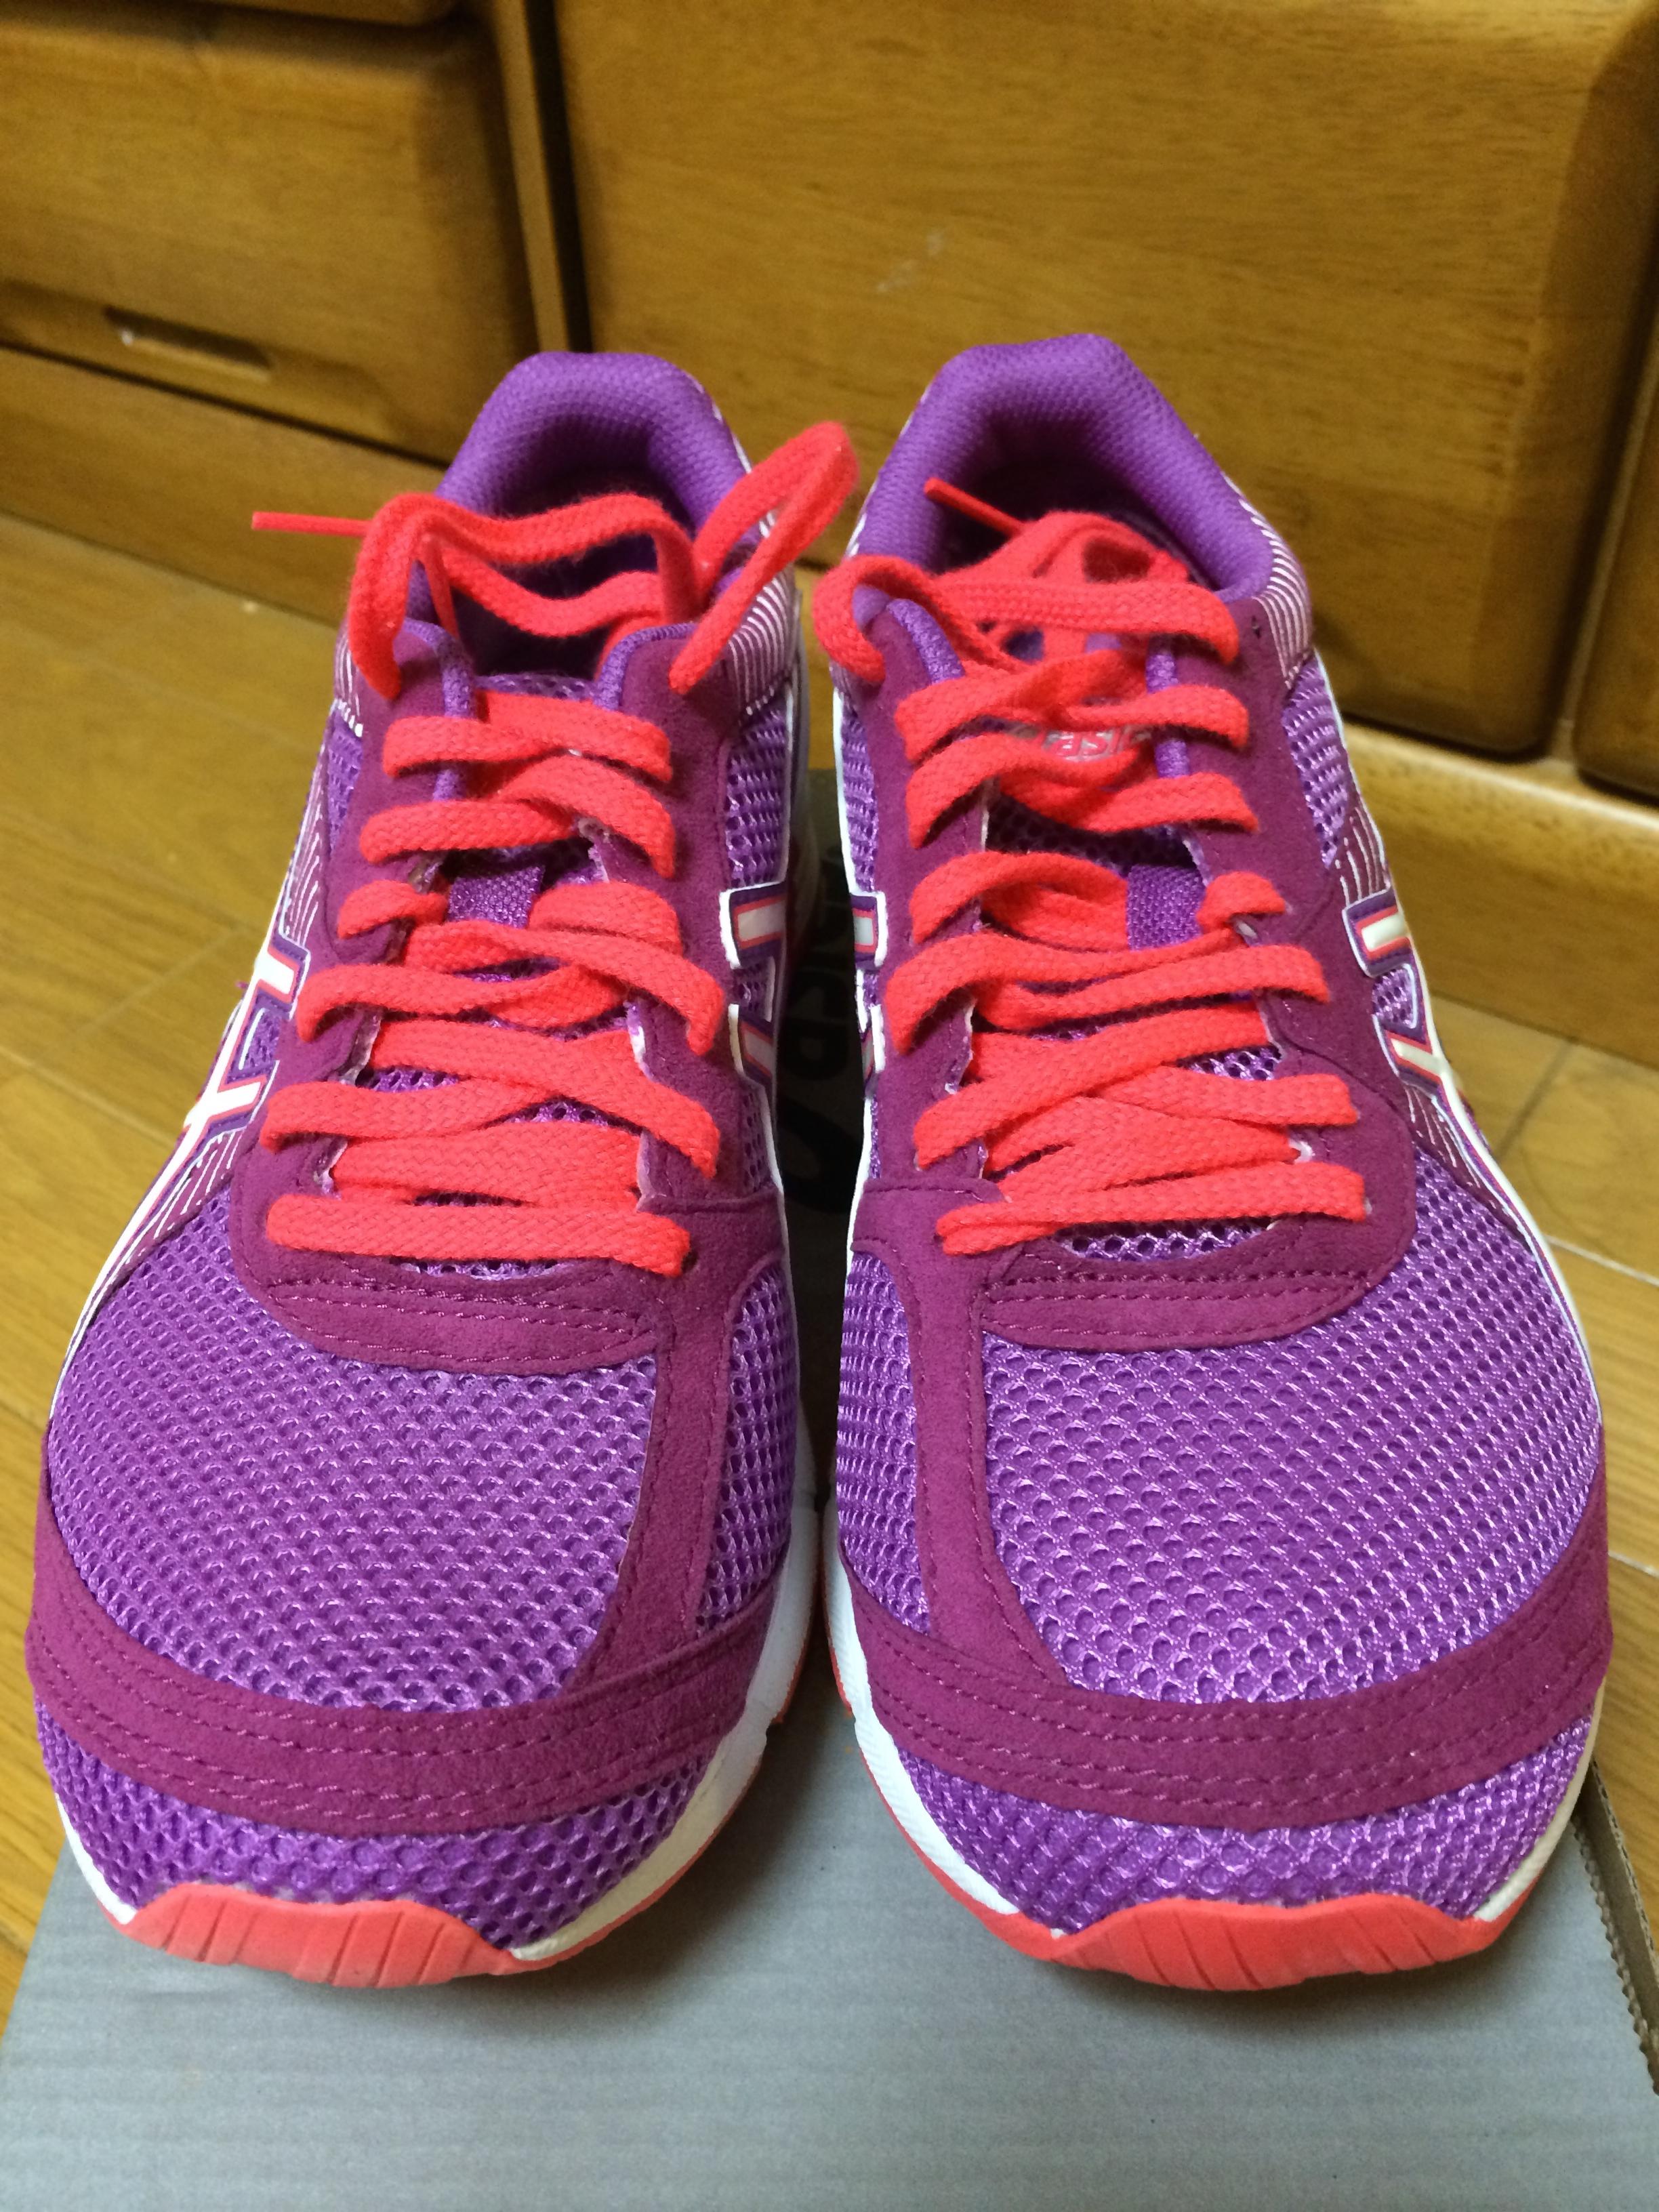 抗がん剤治療と運動の両立:マラソンを走りきった記録(32) 私はついてる!